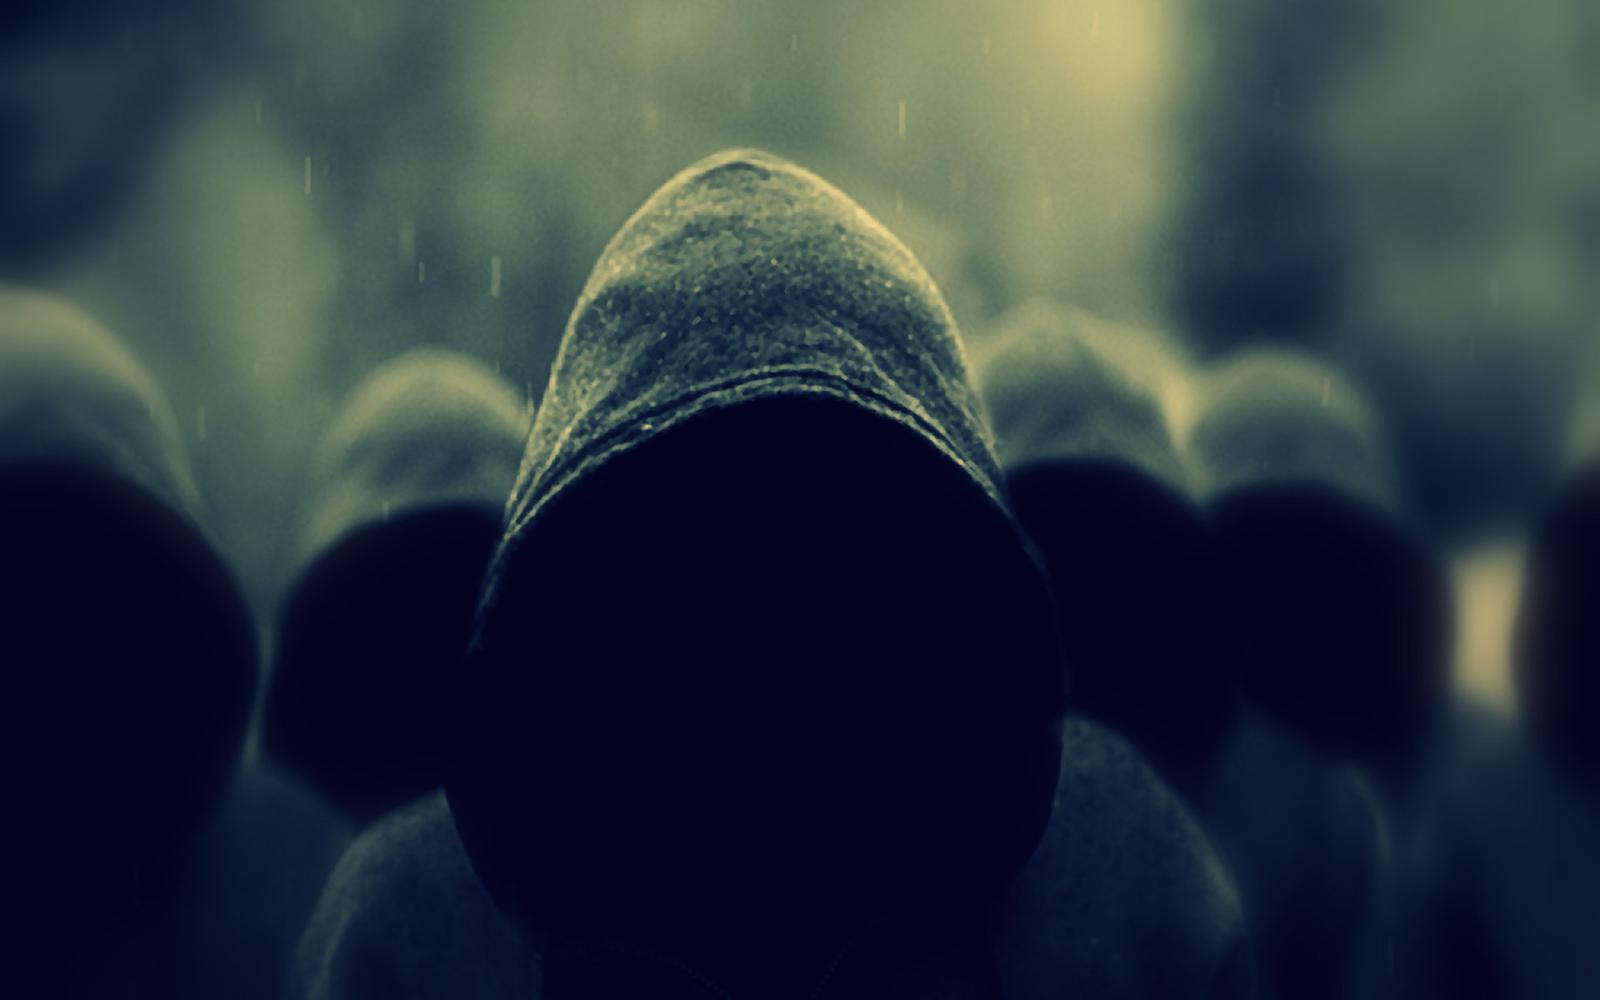 La falta de definición (vamos a jugar un juego): ¿Quién es terrorista?